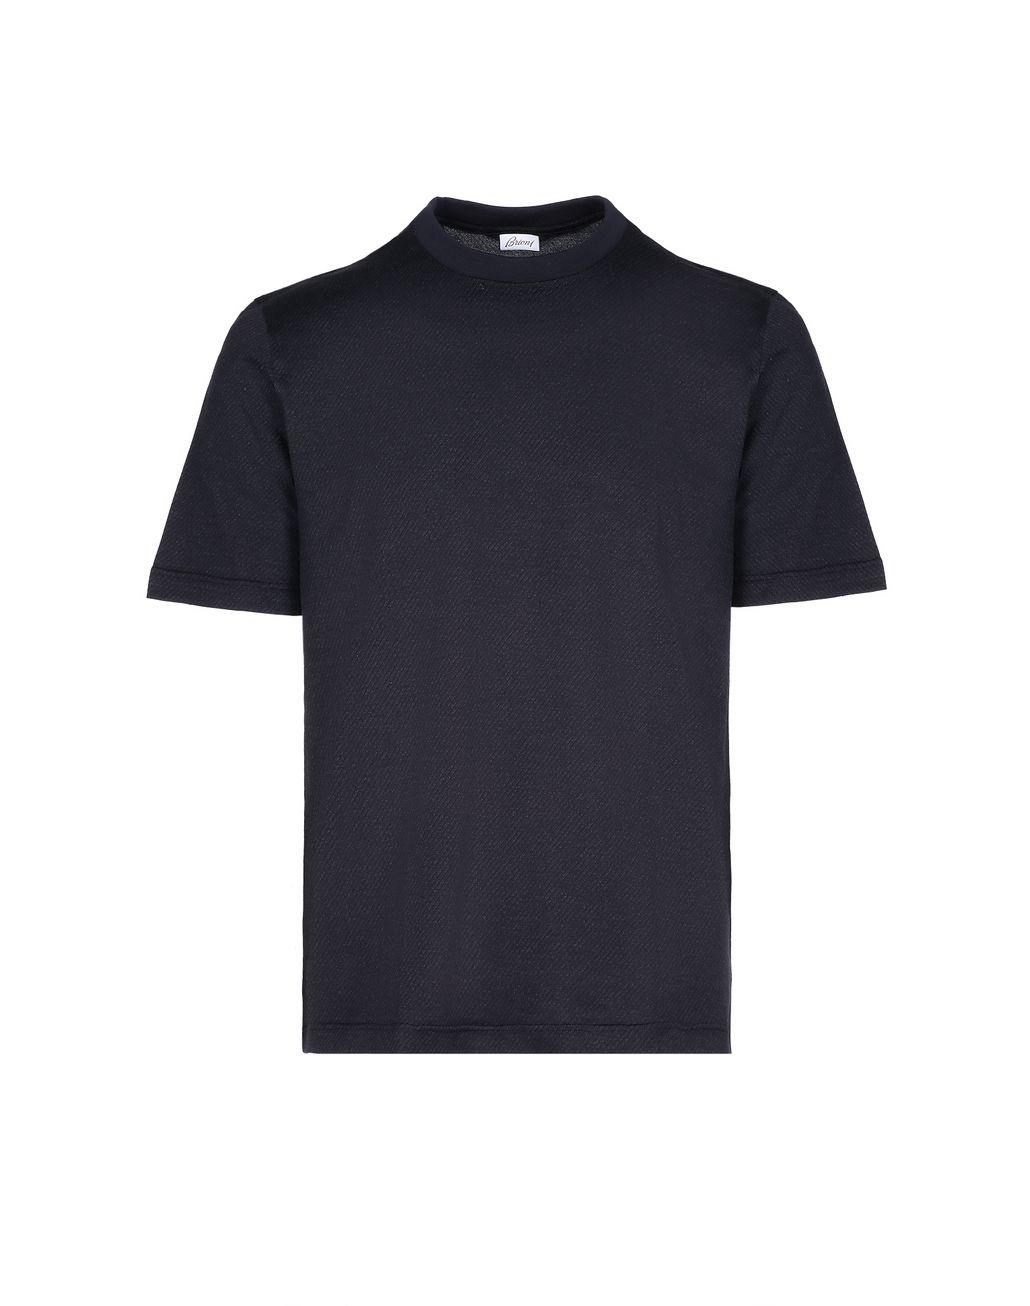 BRIONI Тёмно-синяя футболка с жаккардовым узором Футболки и поло Для Мужчин f